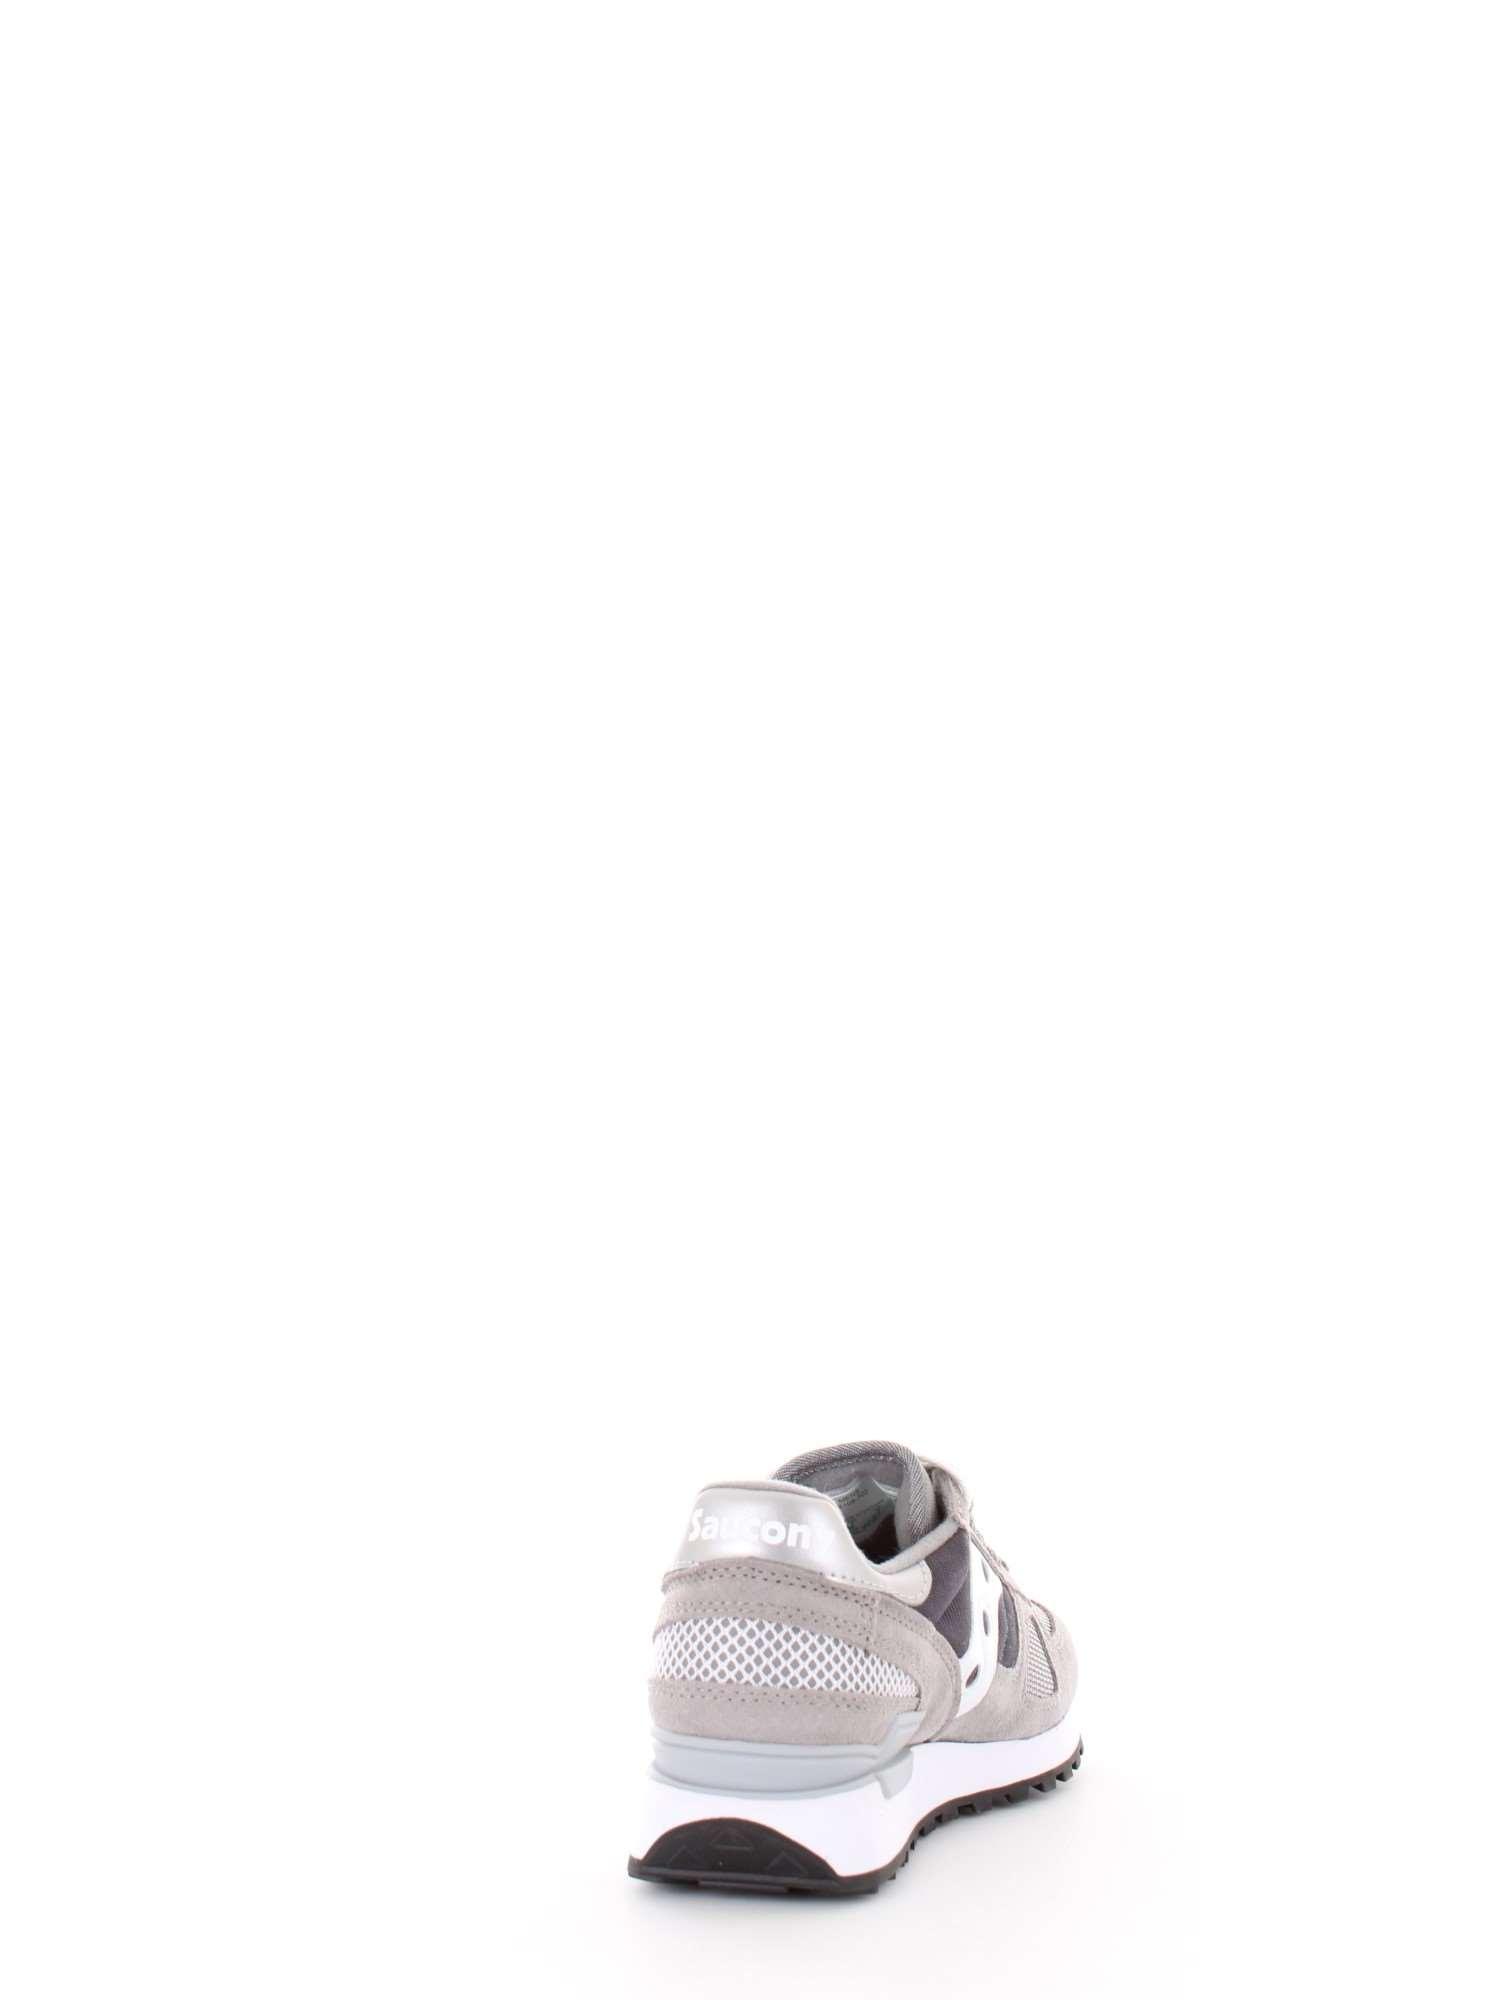 Homme 702 Printemps Sneakers 2108 Gris Saucony été Shadow q7Zw1